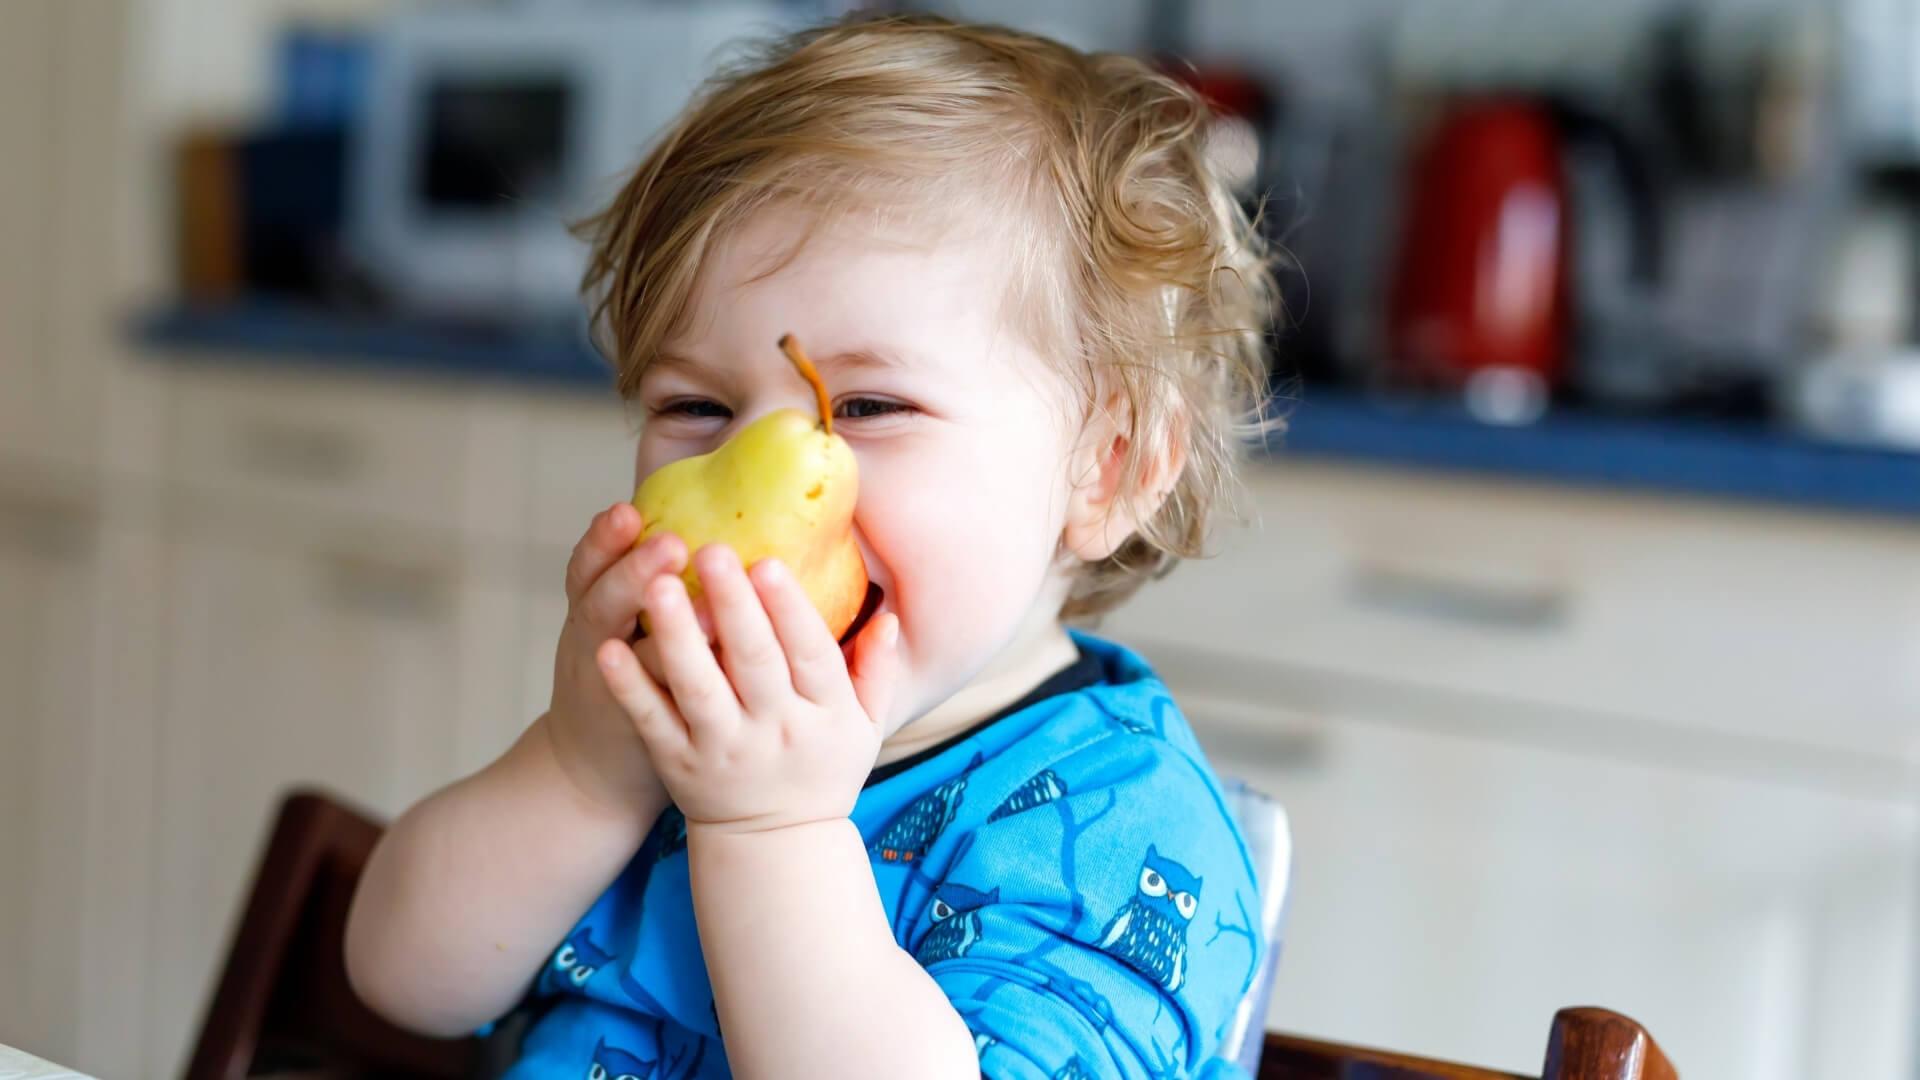 bambino che mangia una pera assaporandone il gusto